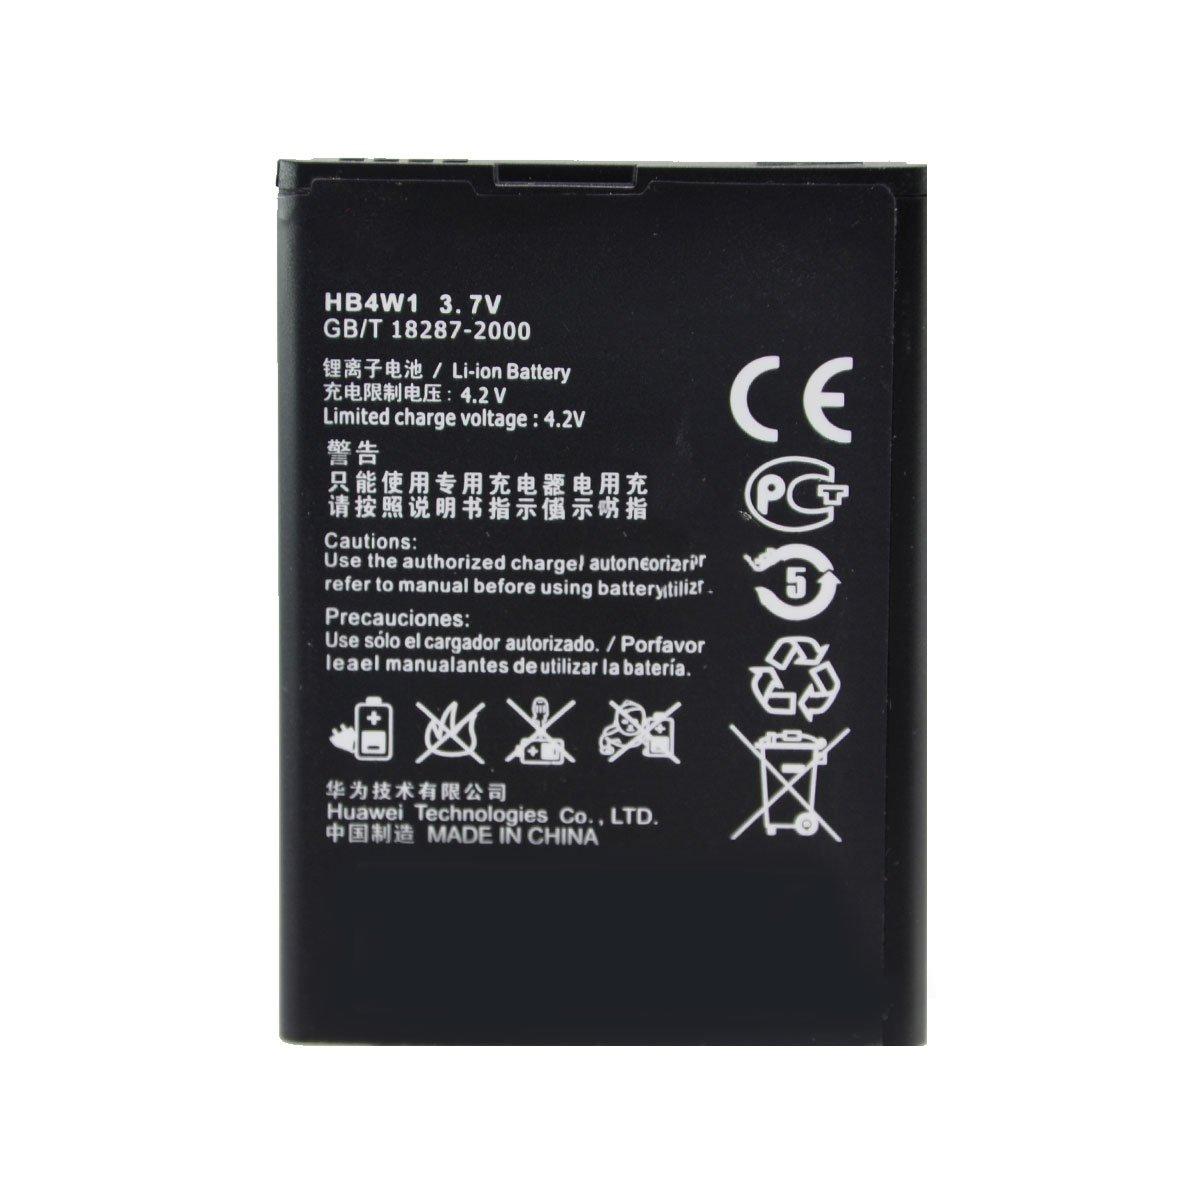 Аккумуляторная батарея для Huawei Ascend G510 HB4W1